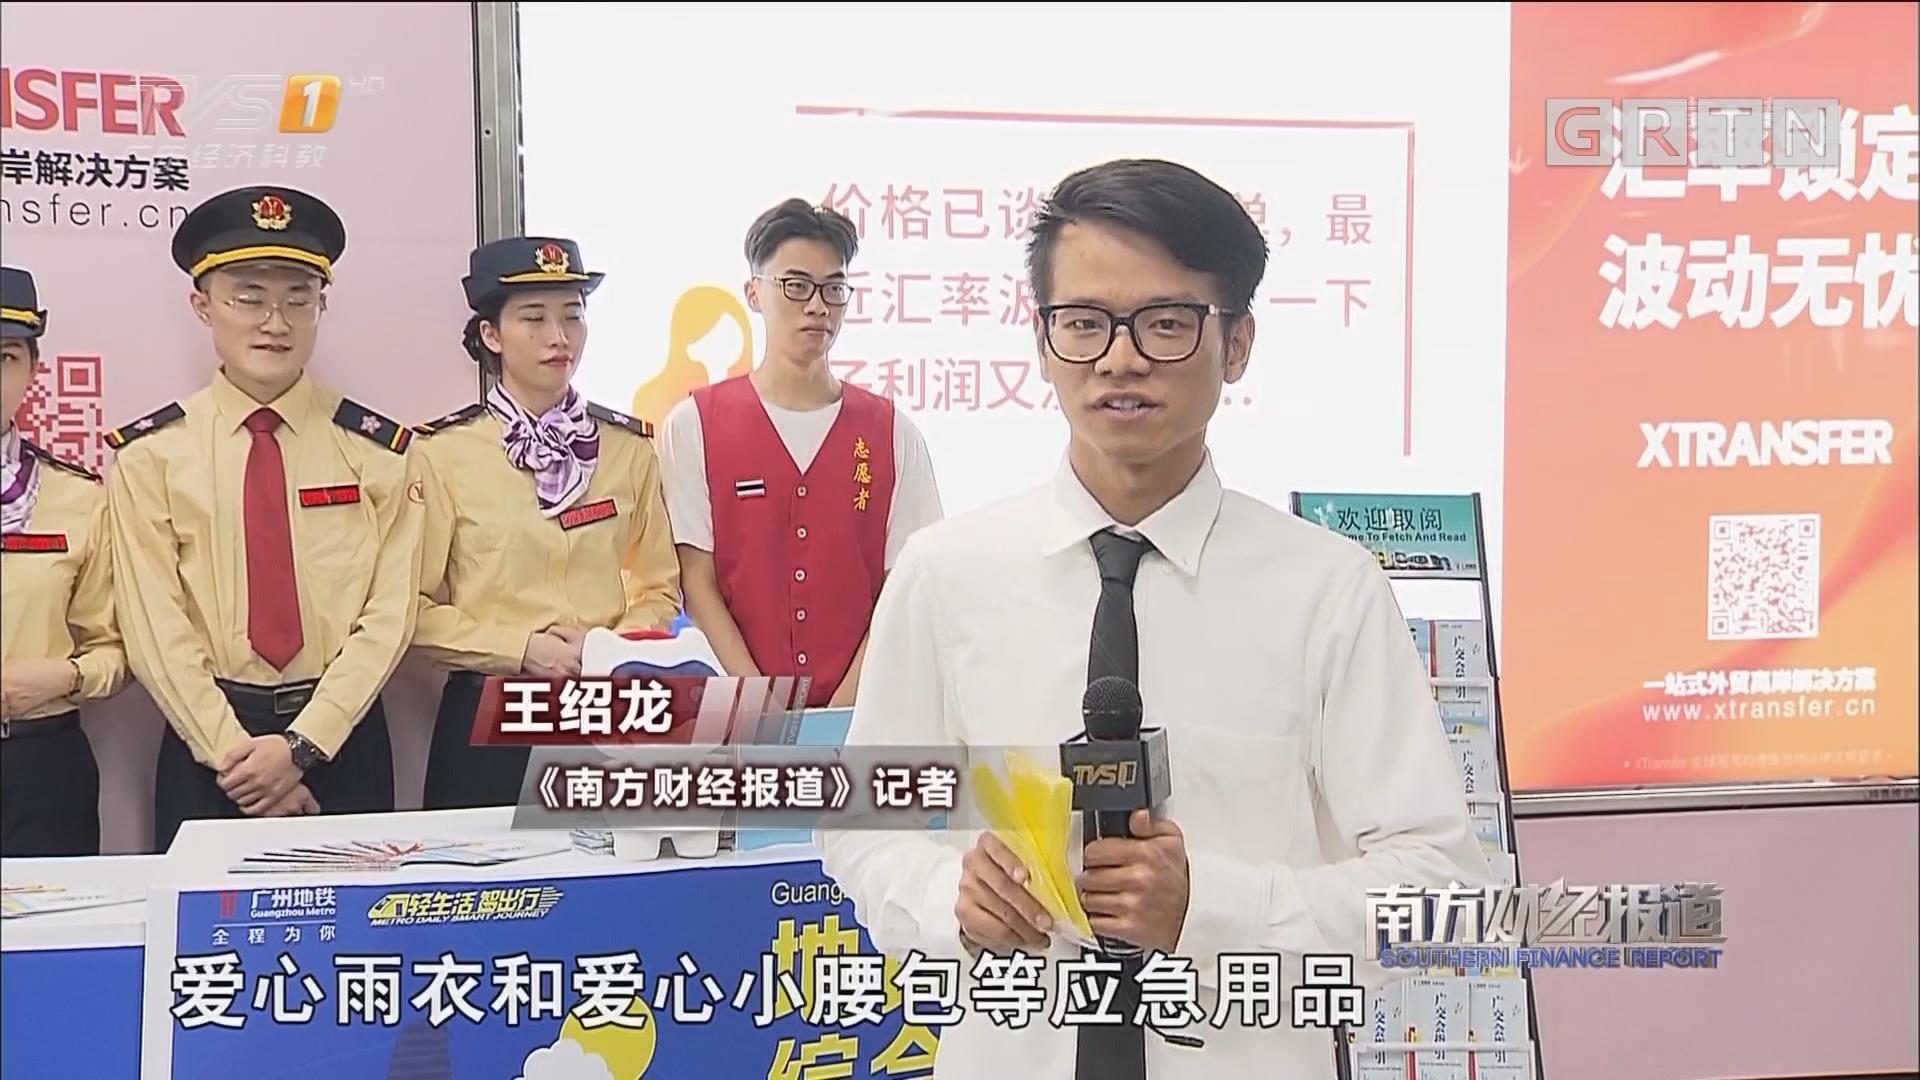 广州地铁增加车次应对广交会客流高峰